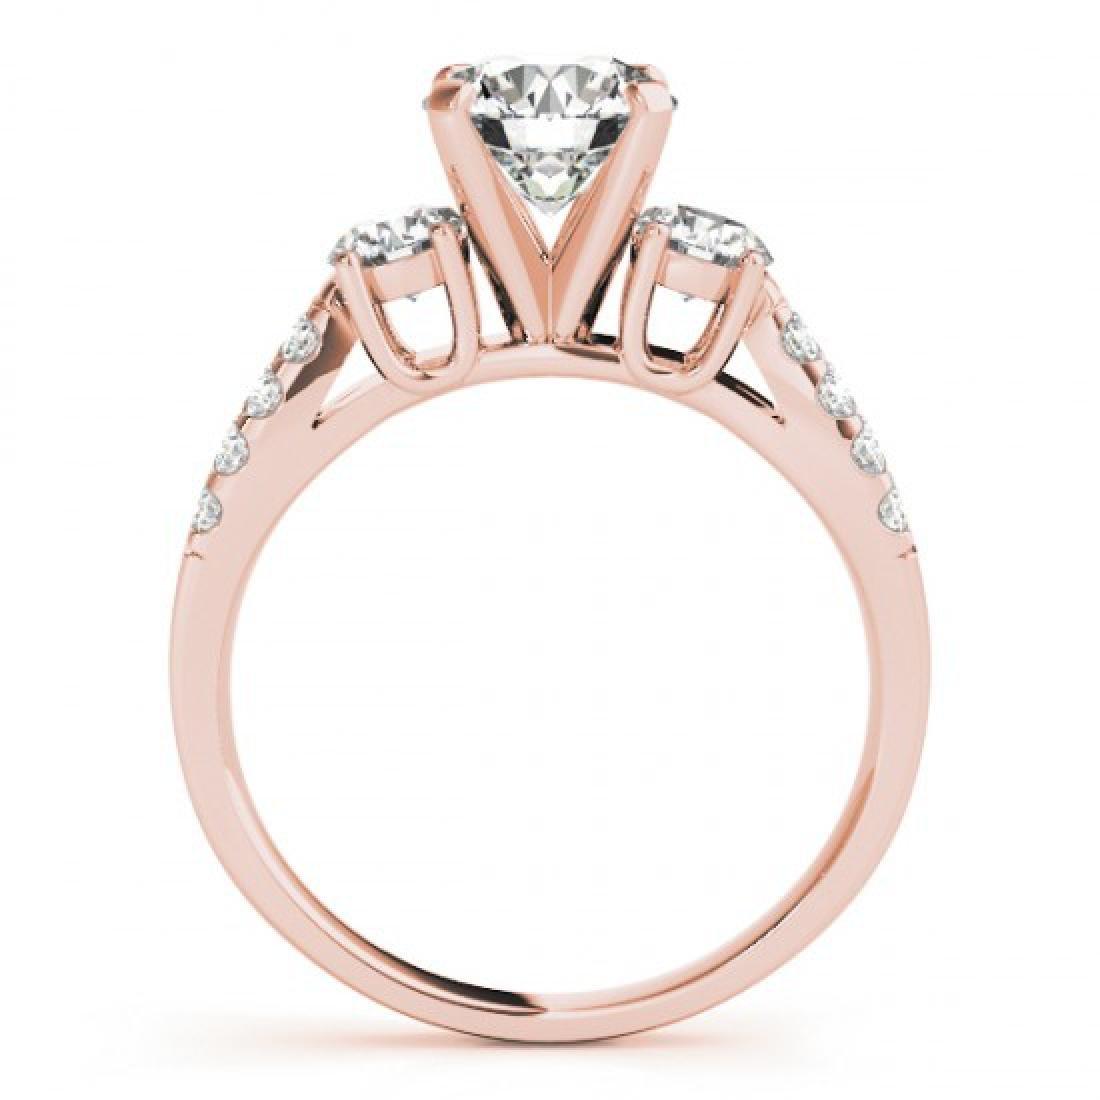 1.25 CTW Certified VS/SI Diamond 3 Stone Ring 14K Rose - 2